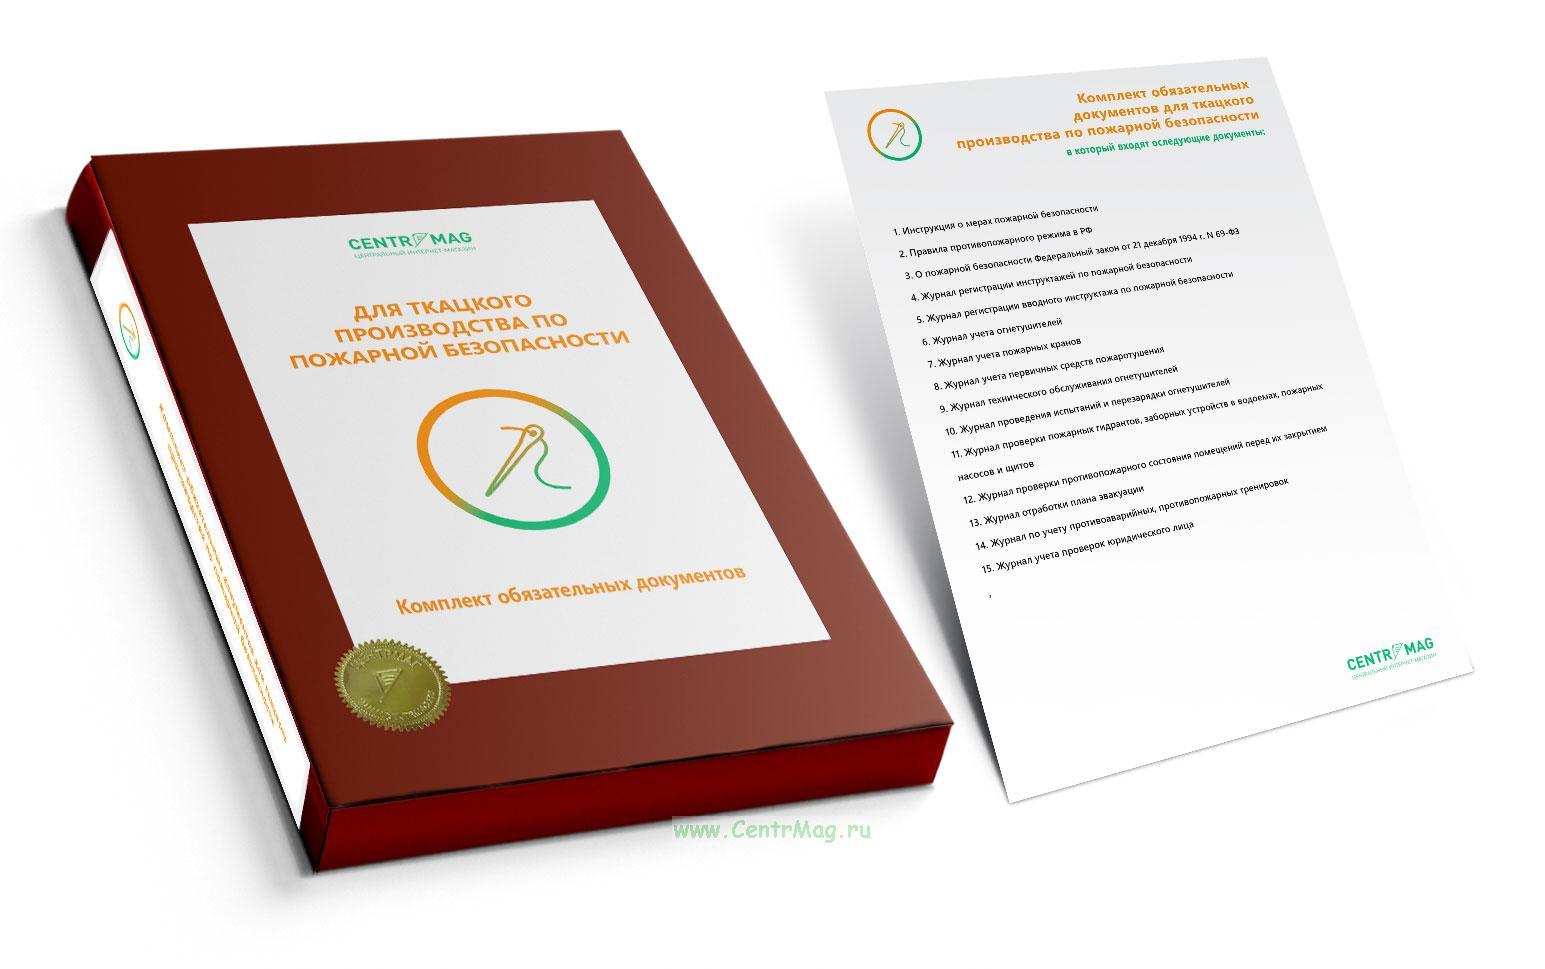 Комплект обязательных документов для ткацкого производства по пожарной безопасности